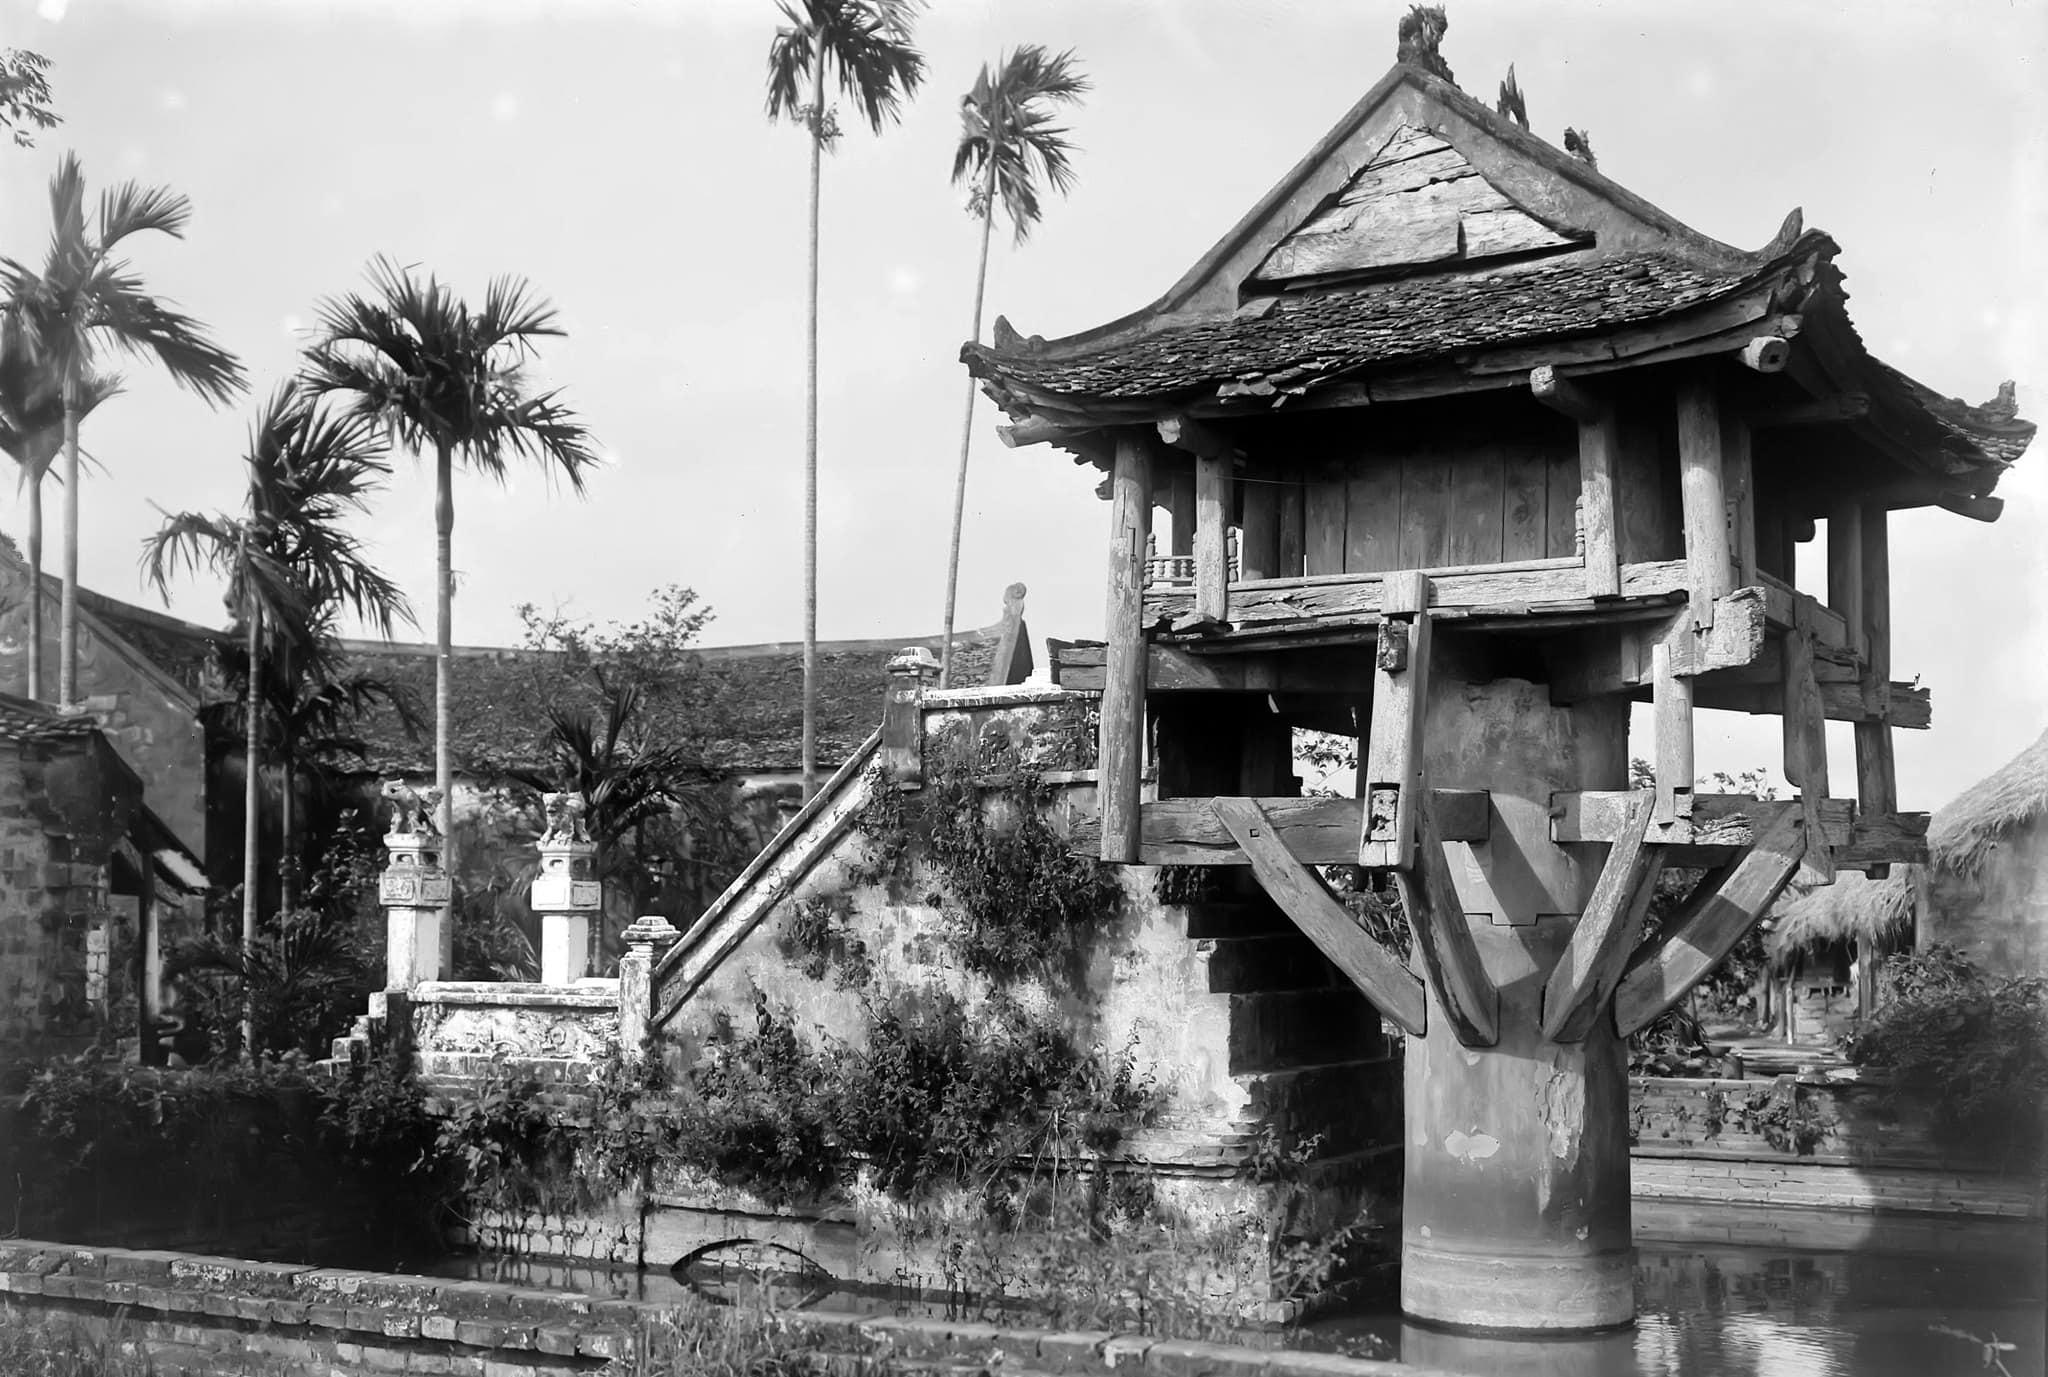 hình ảnh Chùa Một Cột xưa